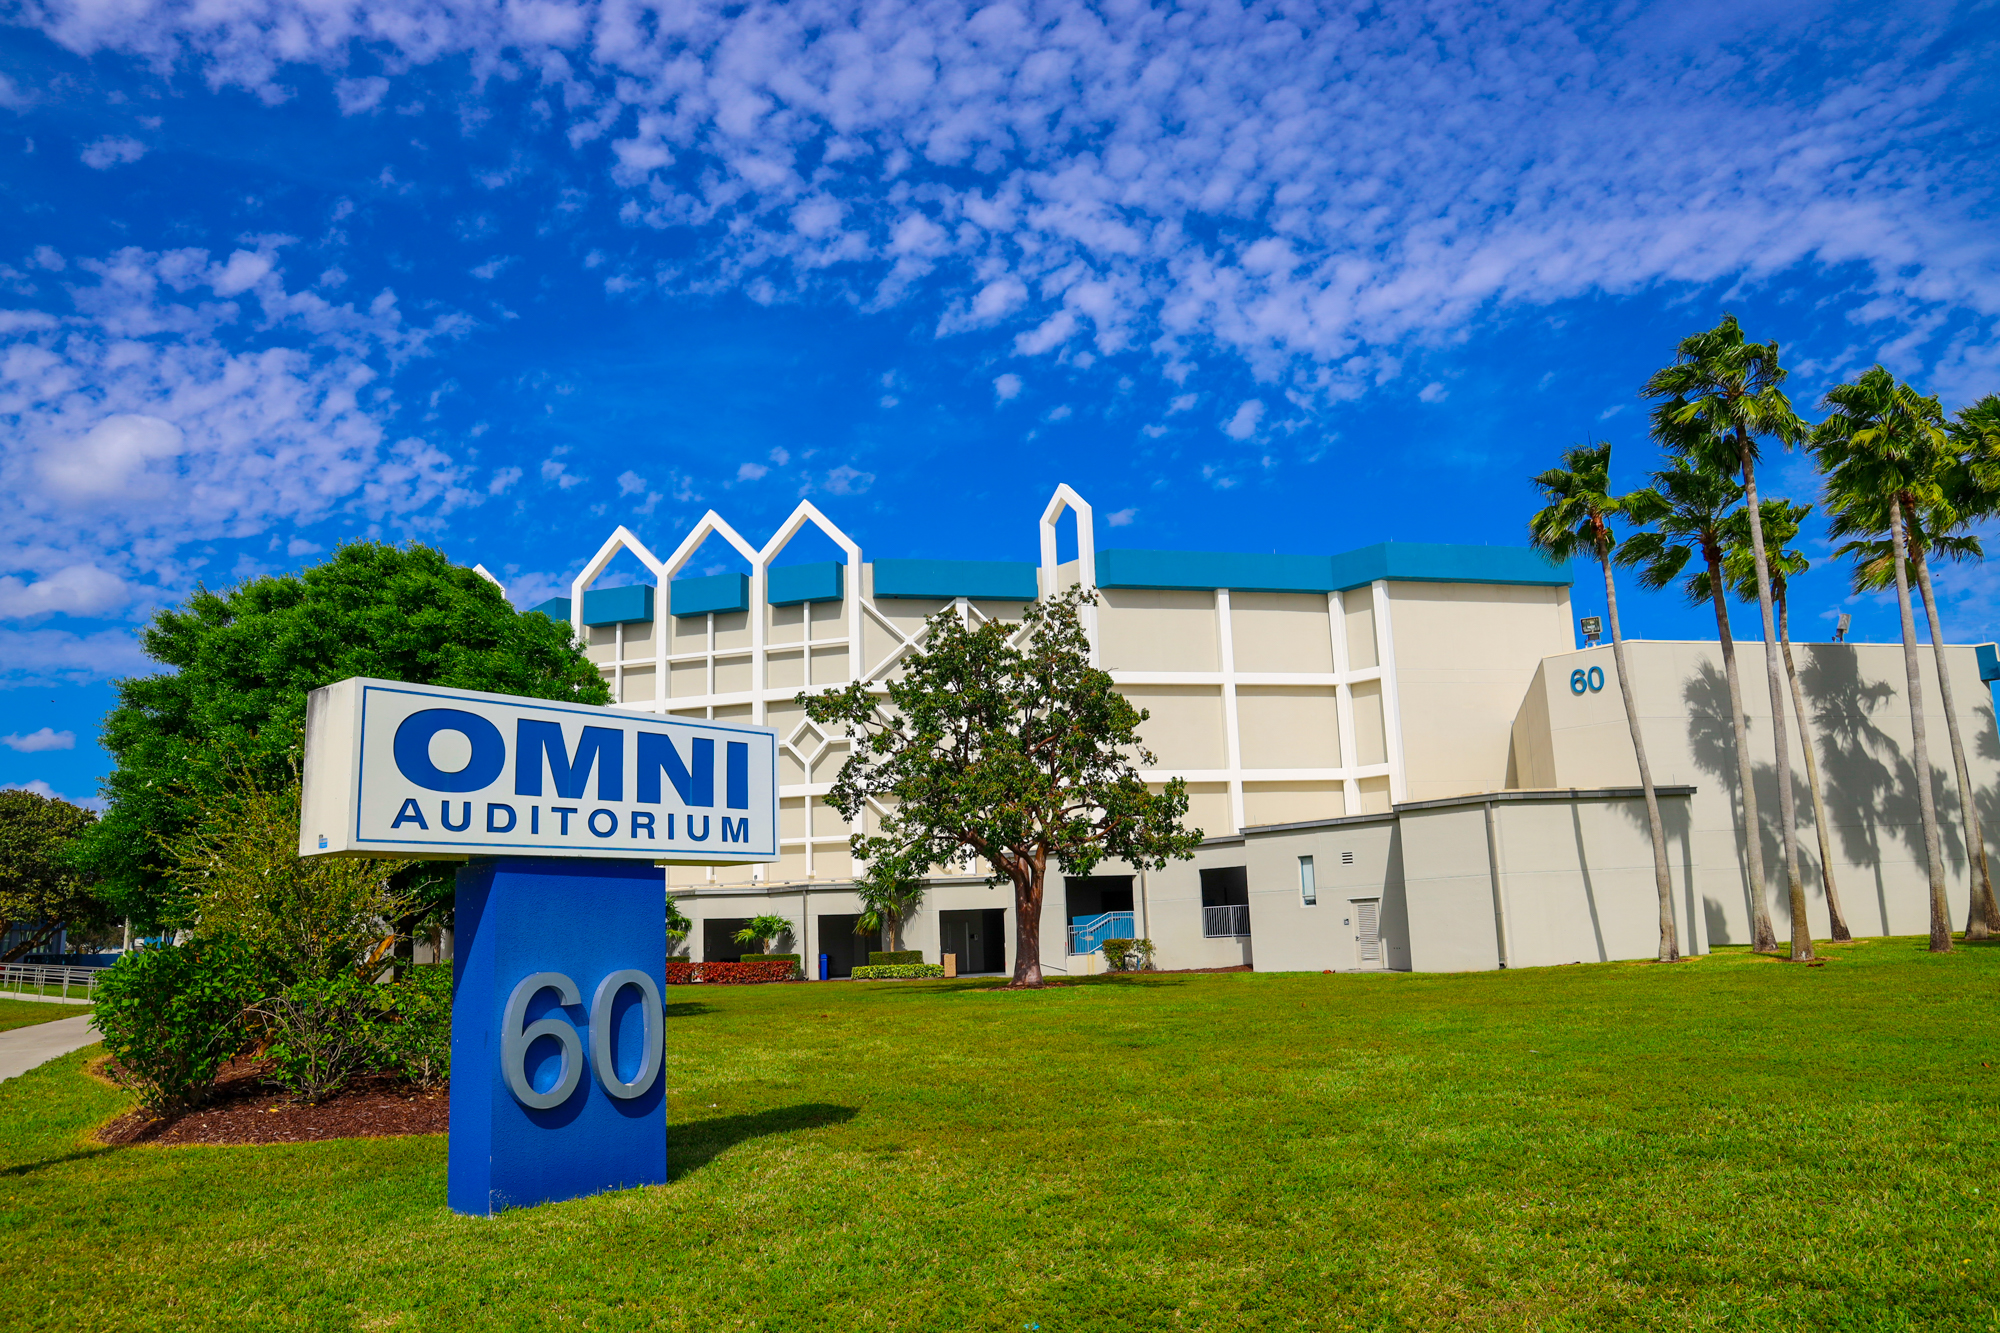 Broward College Omni Auditorium